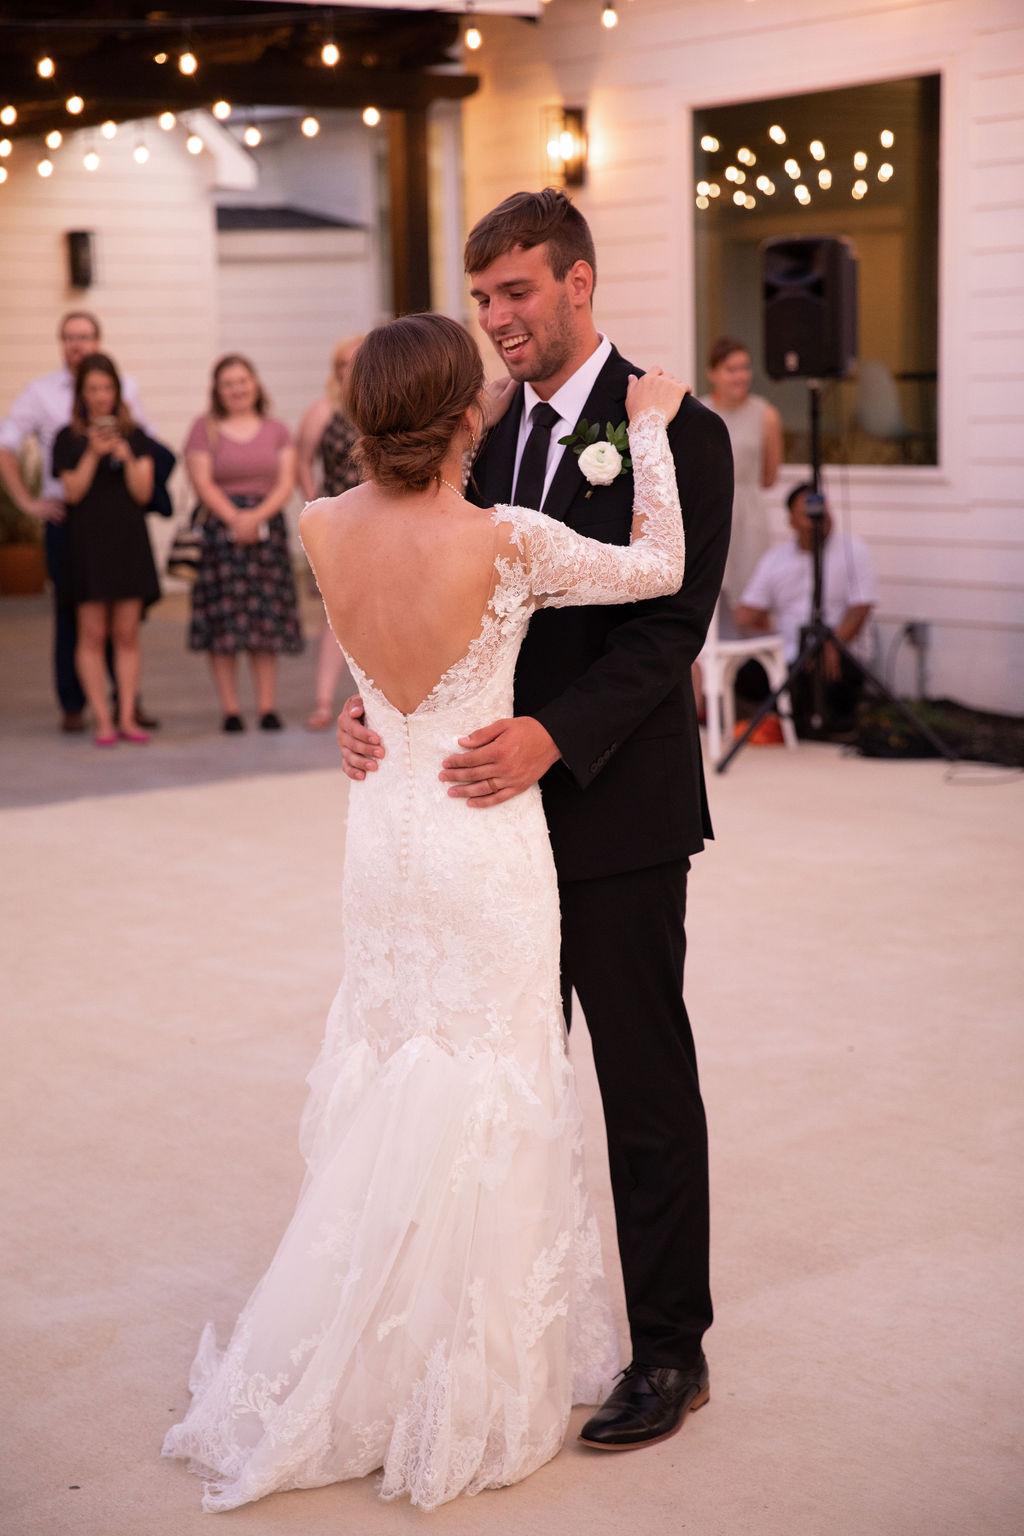 Wedding first dance: Modern Minimalistic Wedding at The Emerson